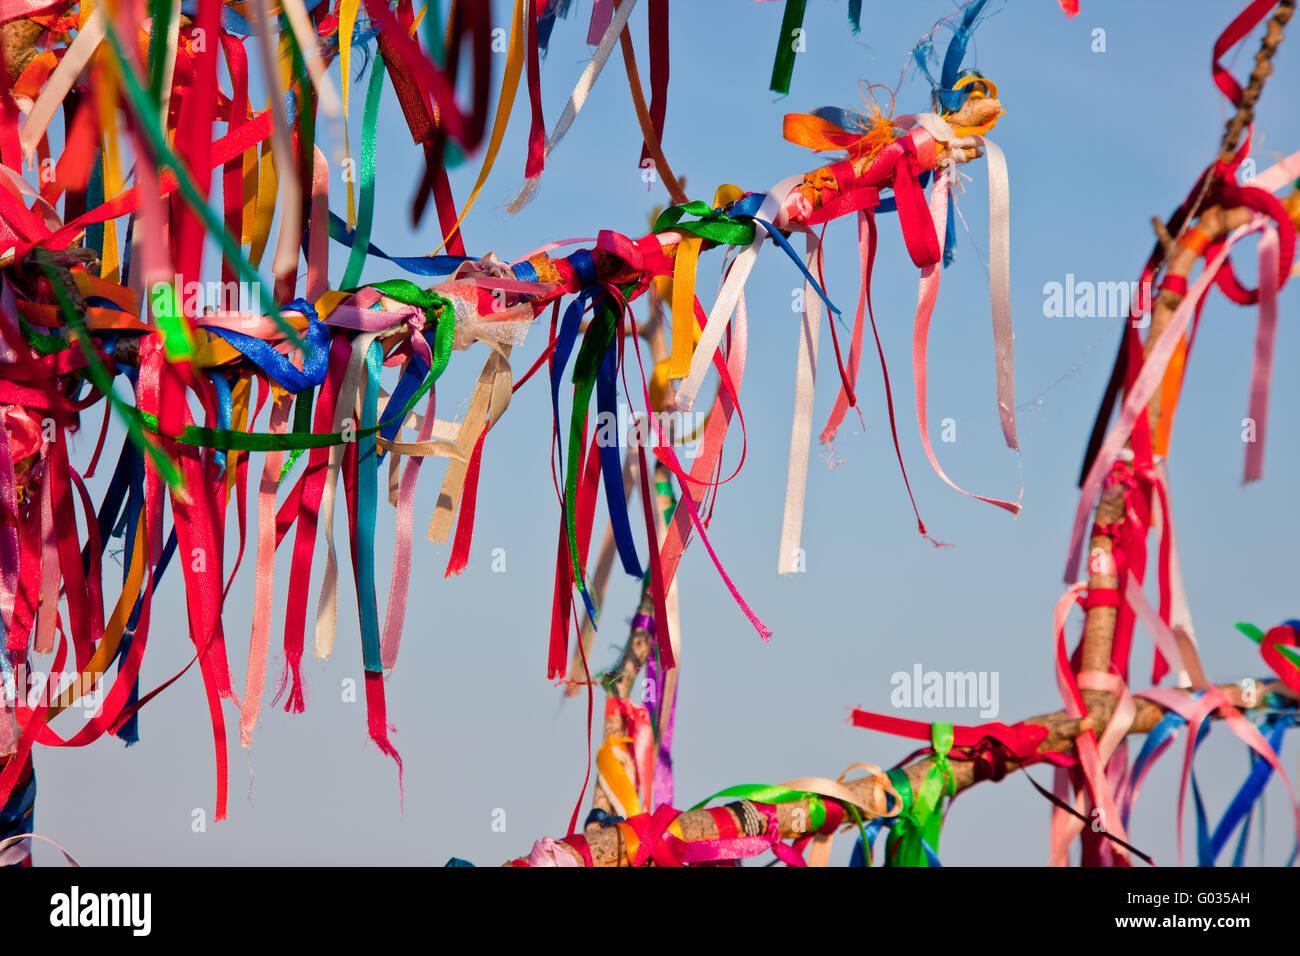 Tiens arbre branches attachées avec des rubans colorés Banque D'Images